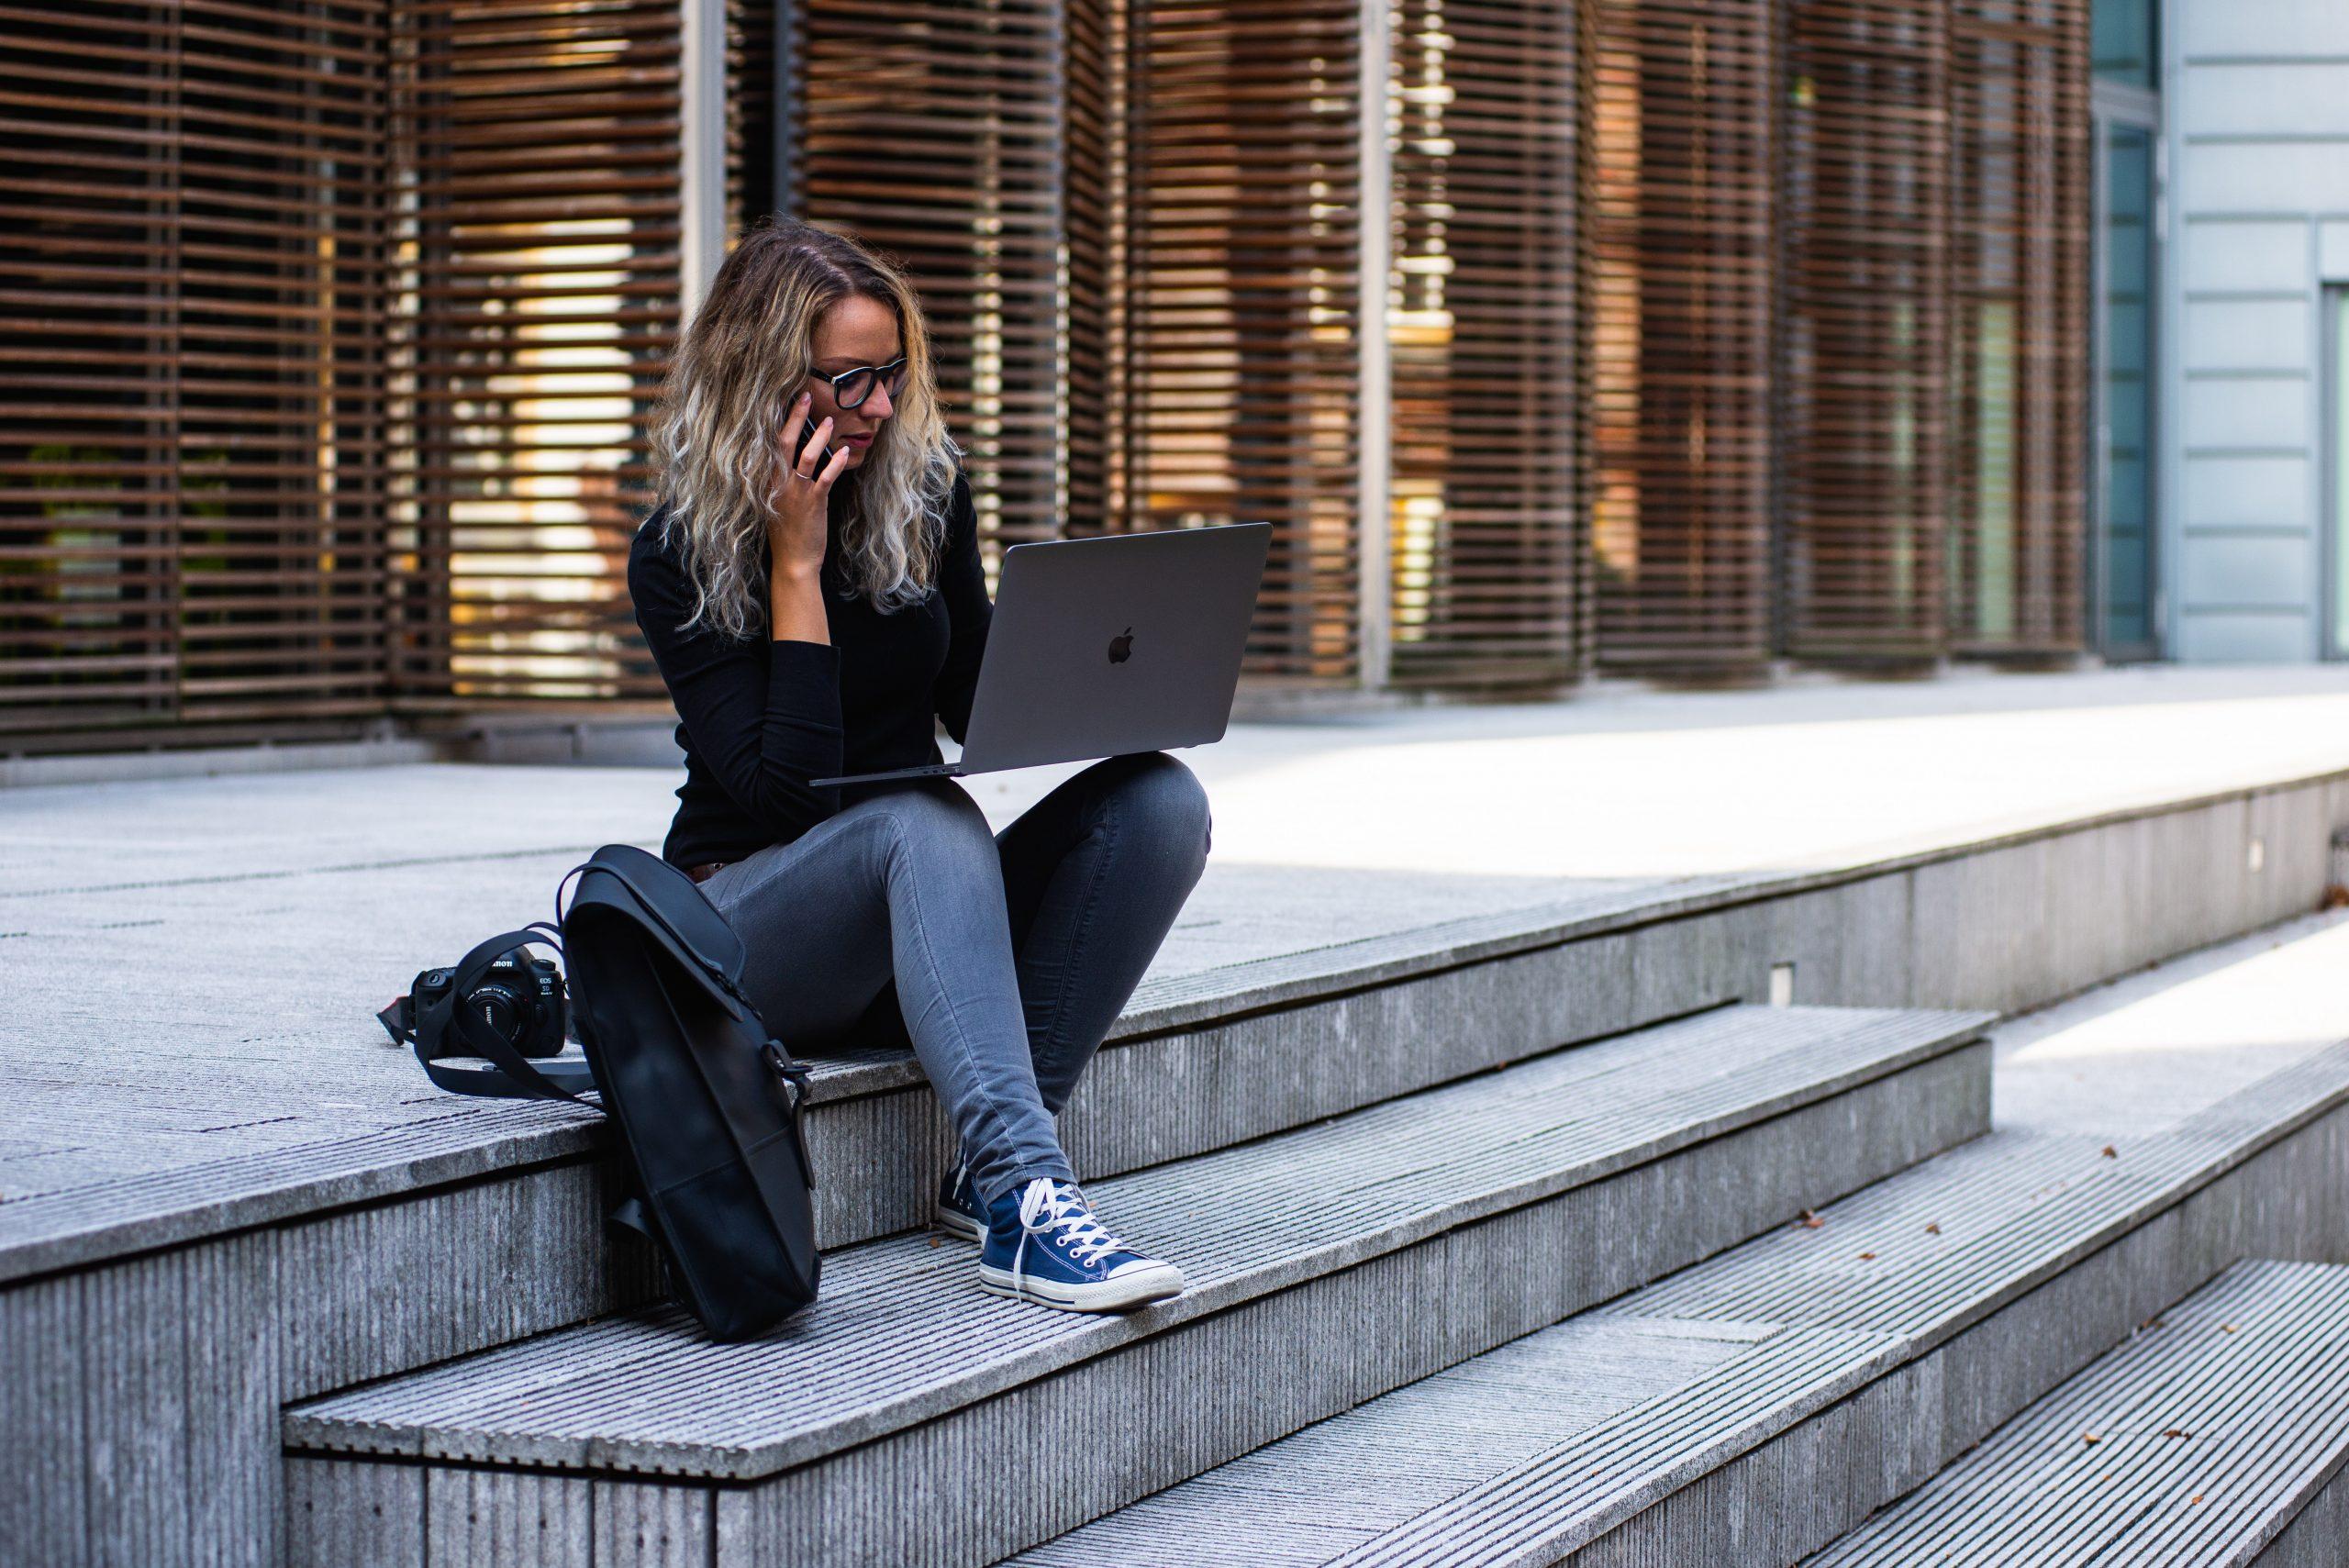 Imagem de uma mulher usando um notebook.